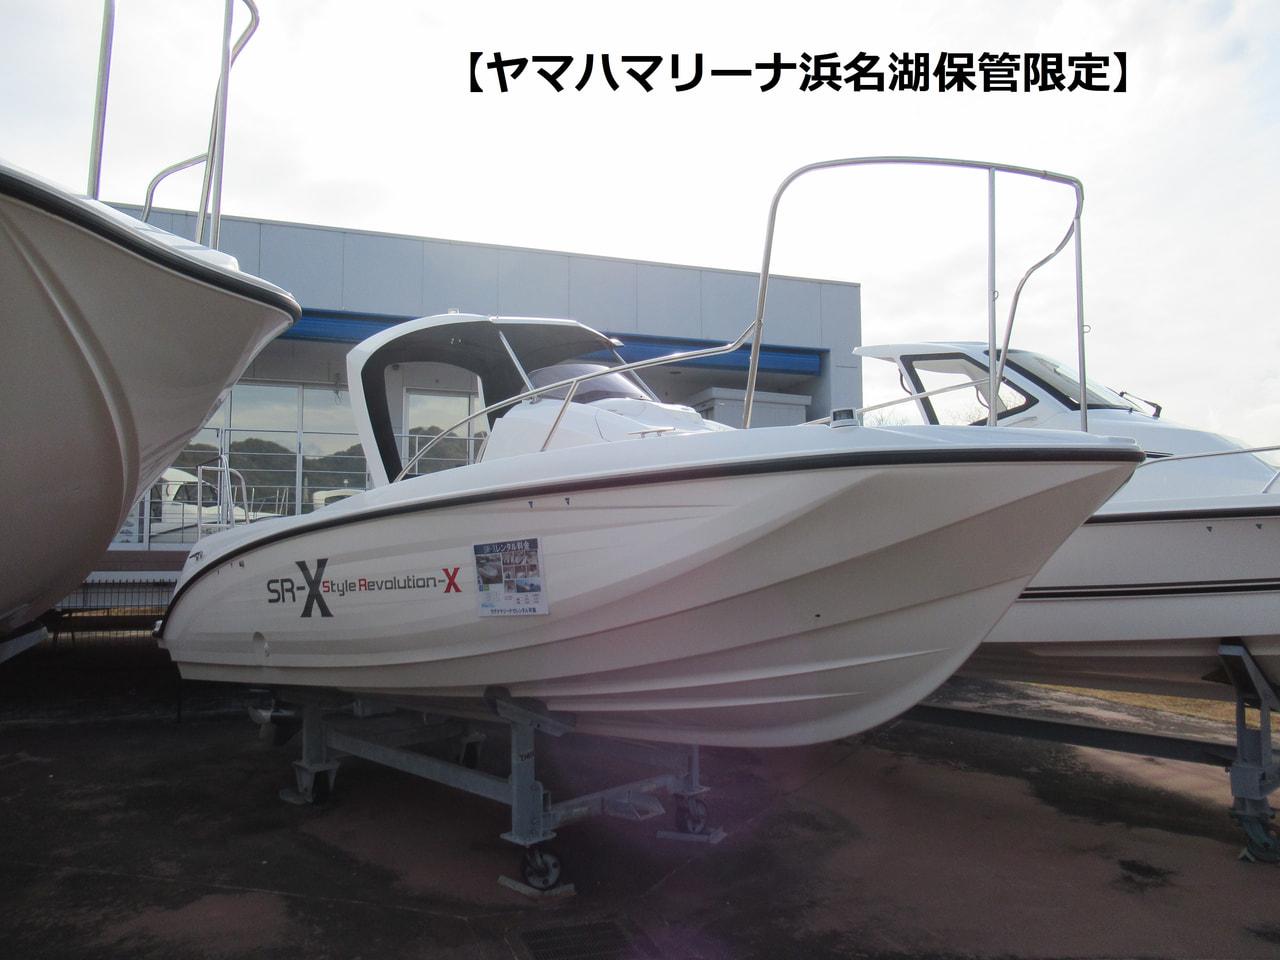 SR-X F115【ヤマハマリーナ浜名湖保管限定】